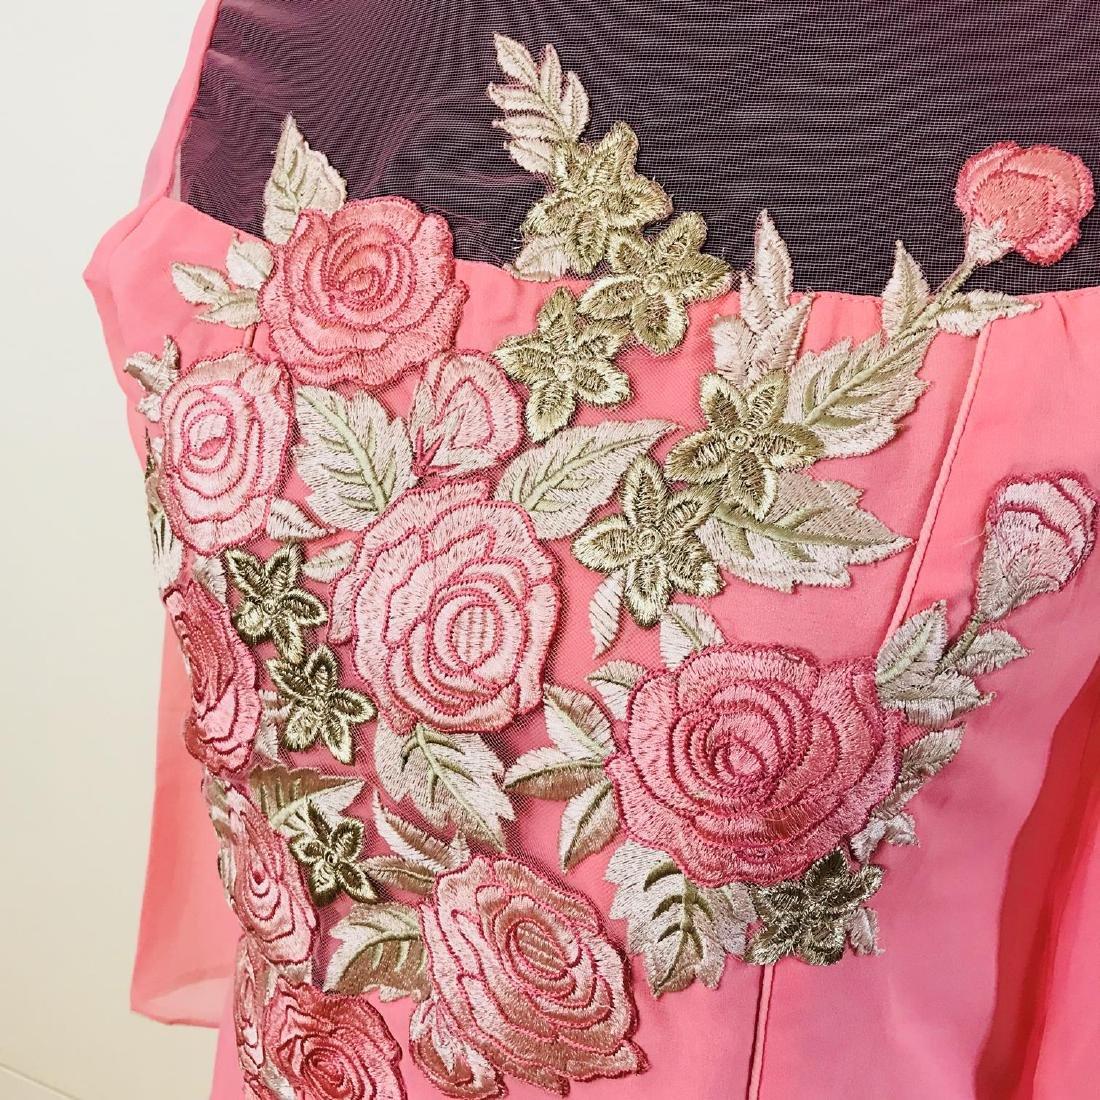 Vintage Women's Pink Party Dress Size US 6 EUR 36 / - 3